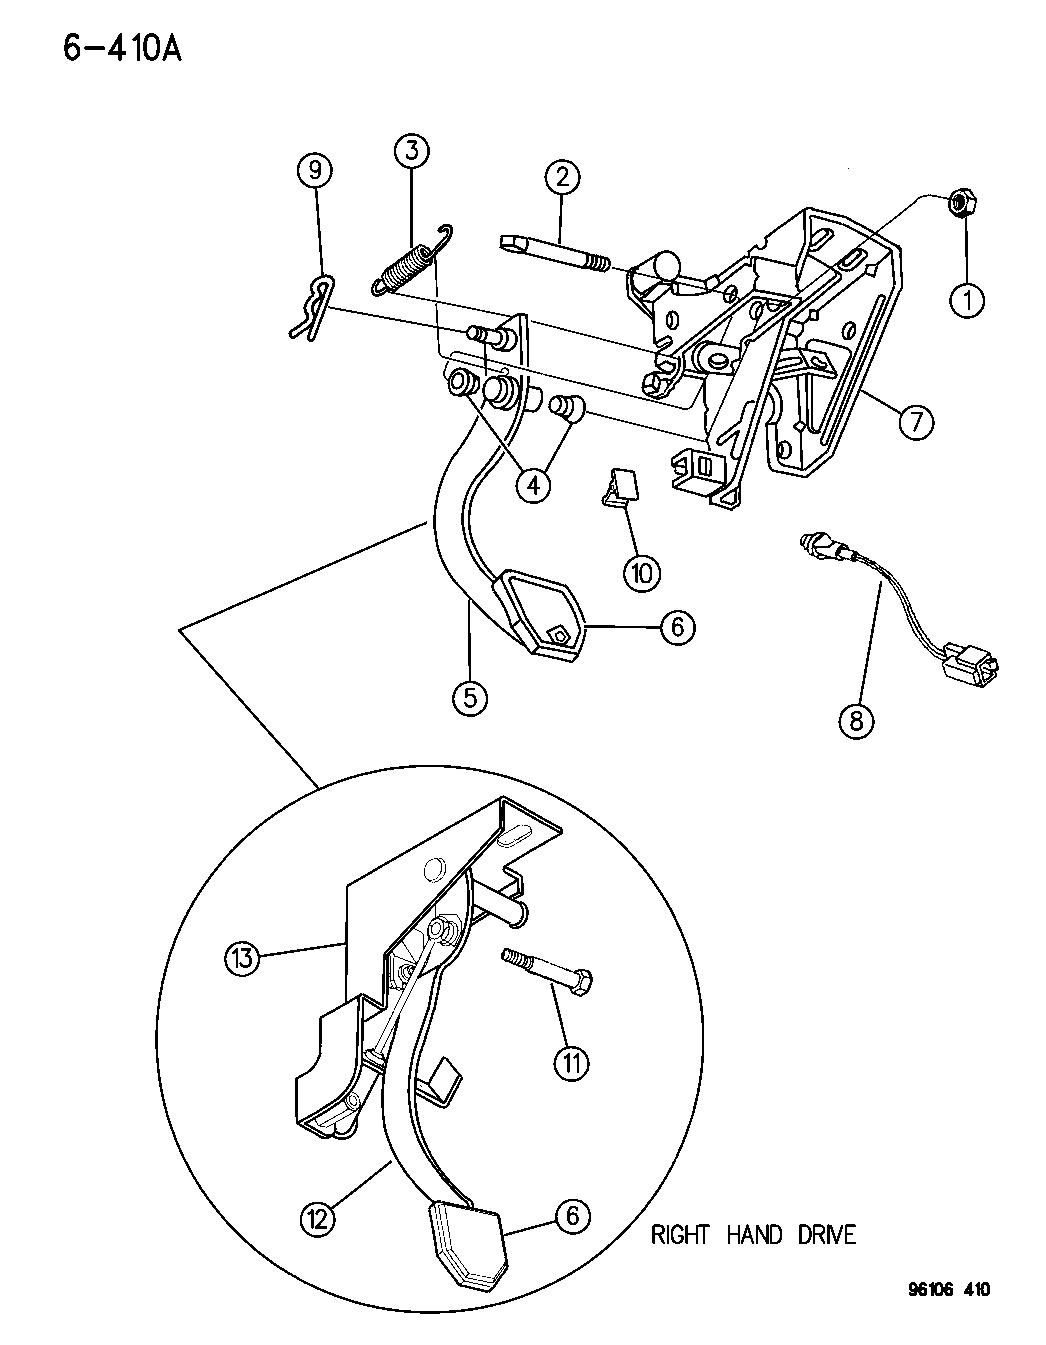 1996 Dodge Stratu 2 4 Dohc Engine Diagram